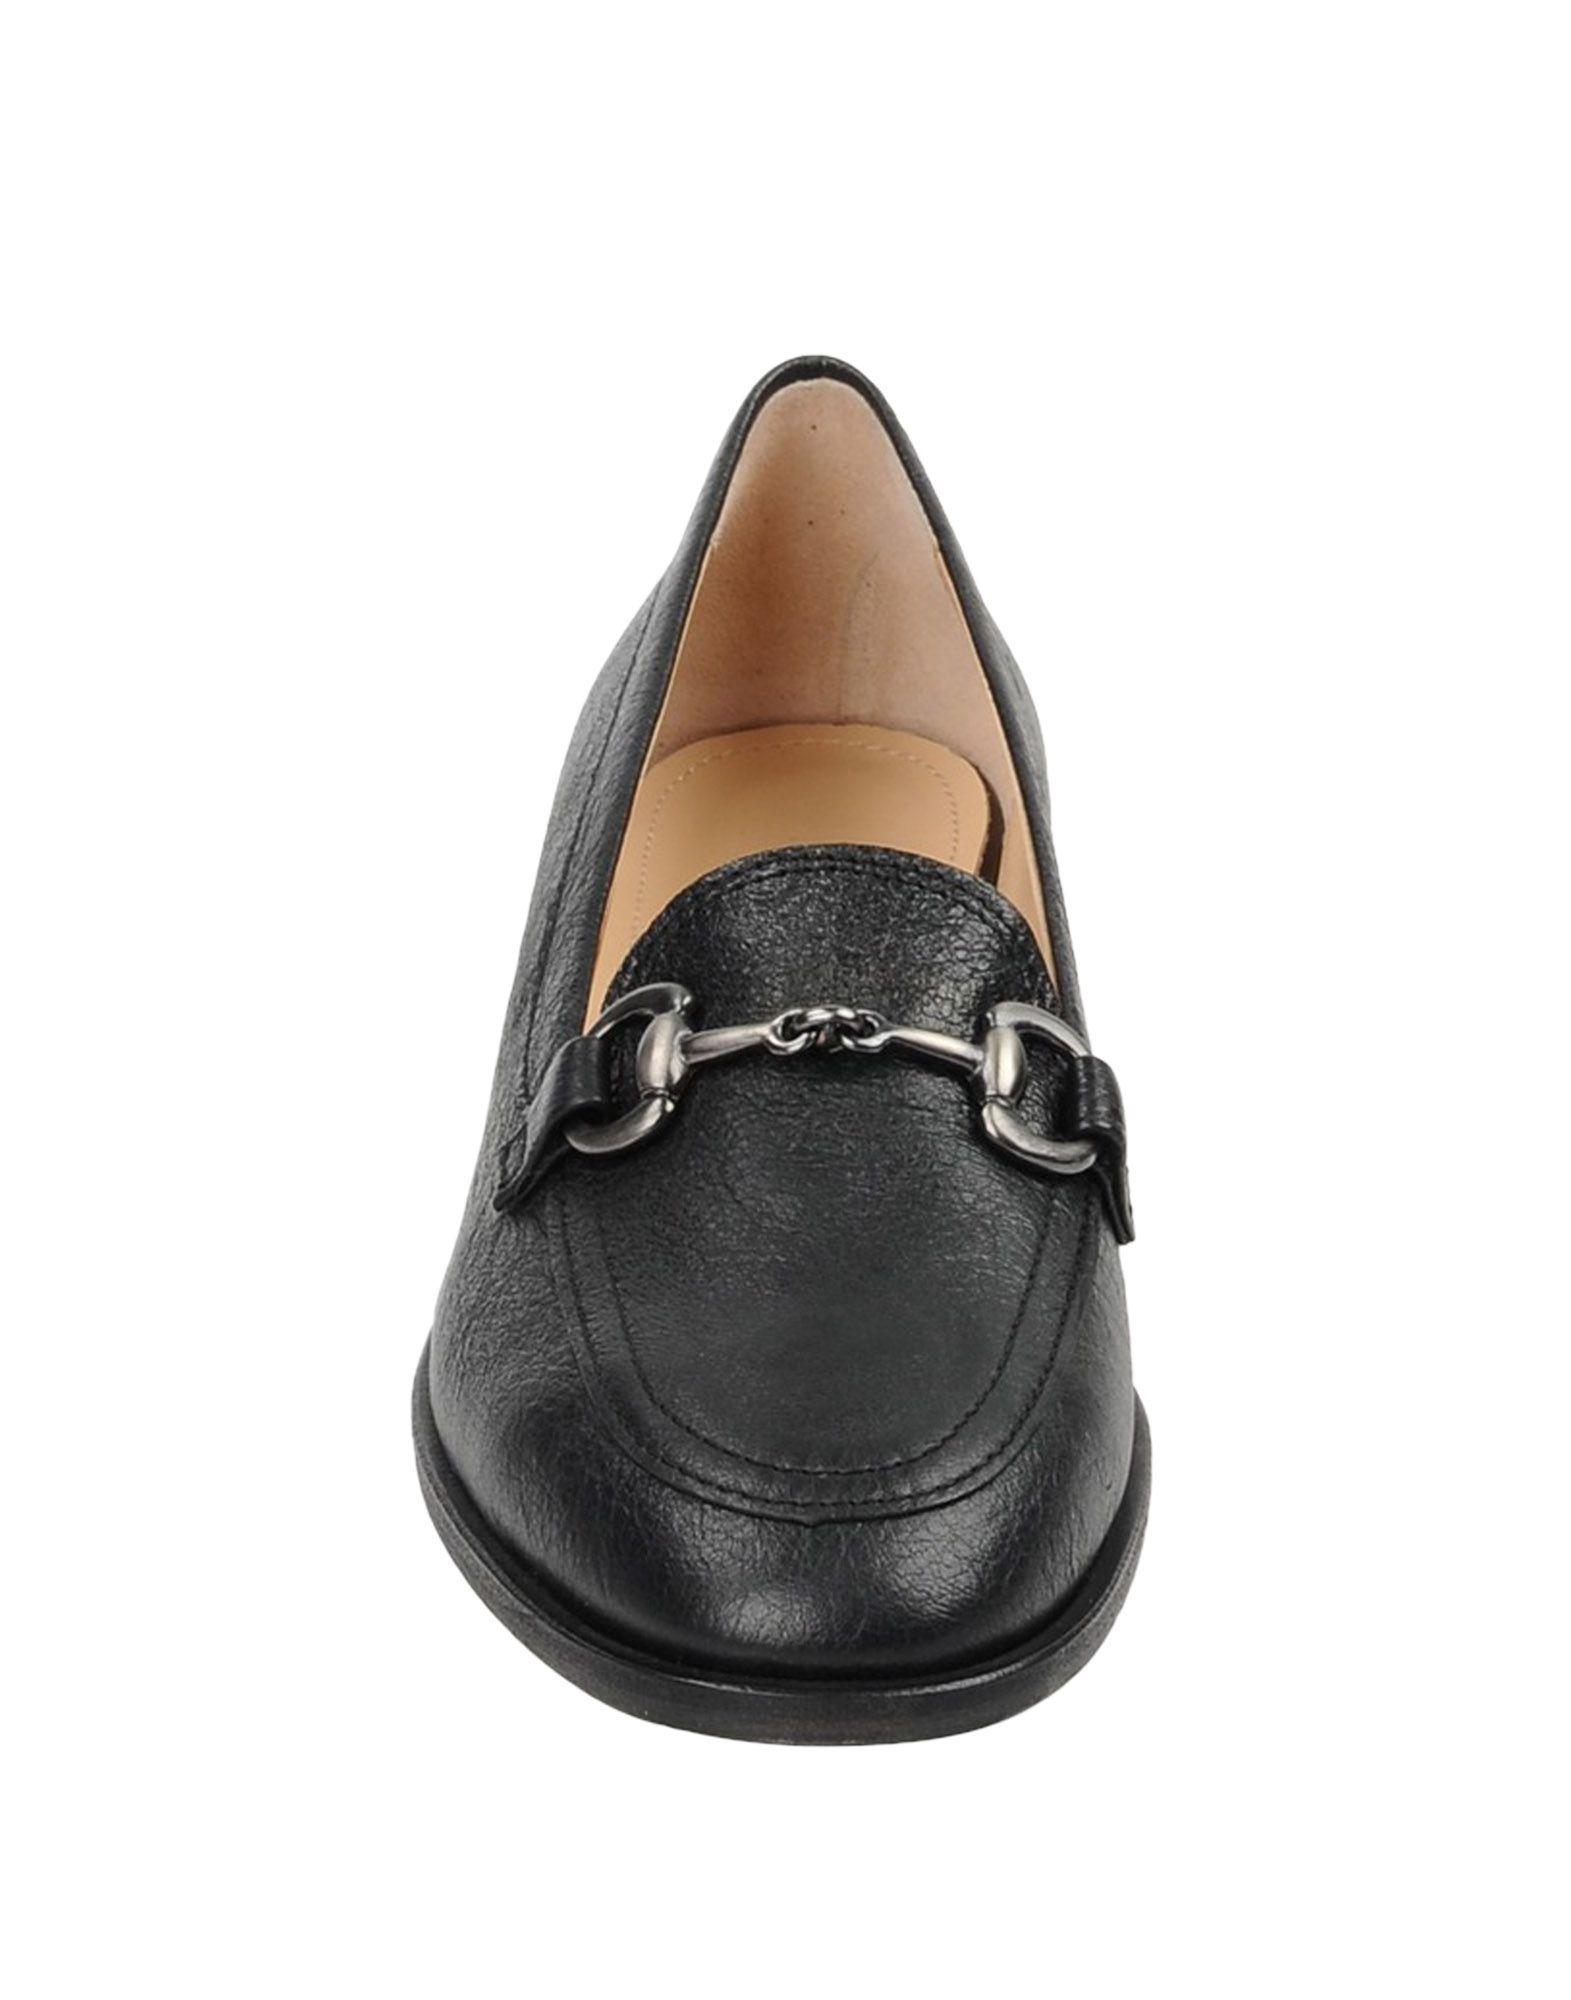 8 Mokassins Schuhe Damen  11396760BQ Heiße Schuhe Mokassins 2e69d5